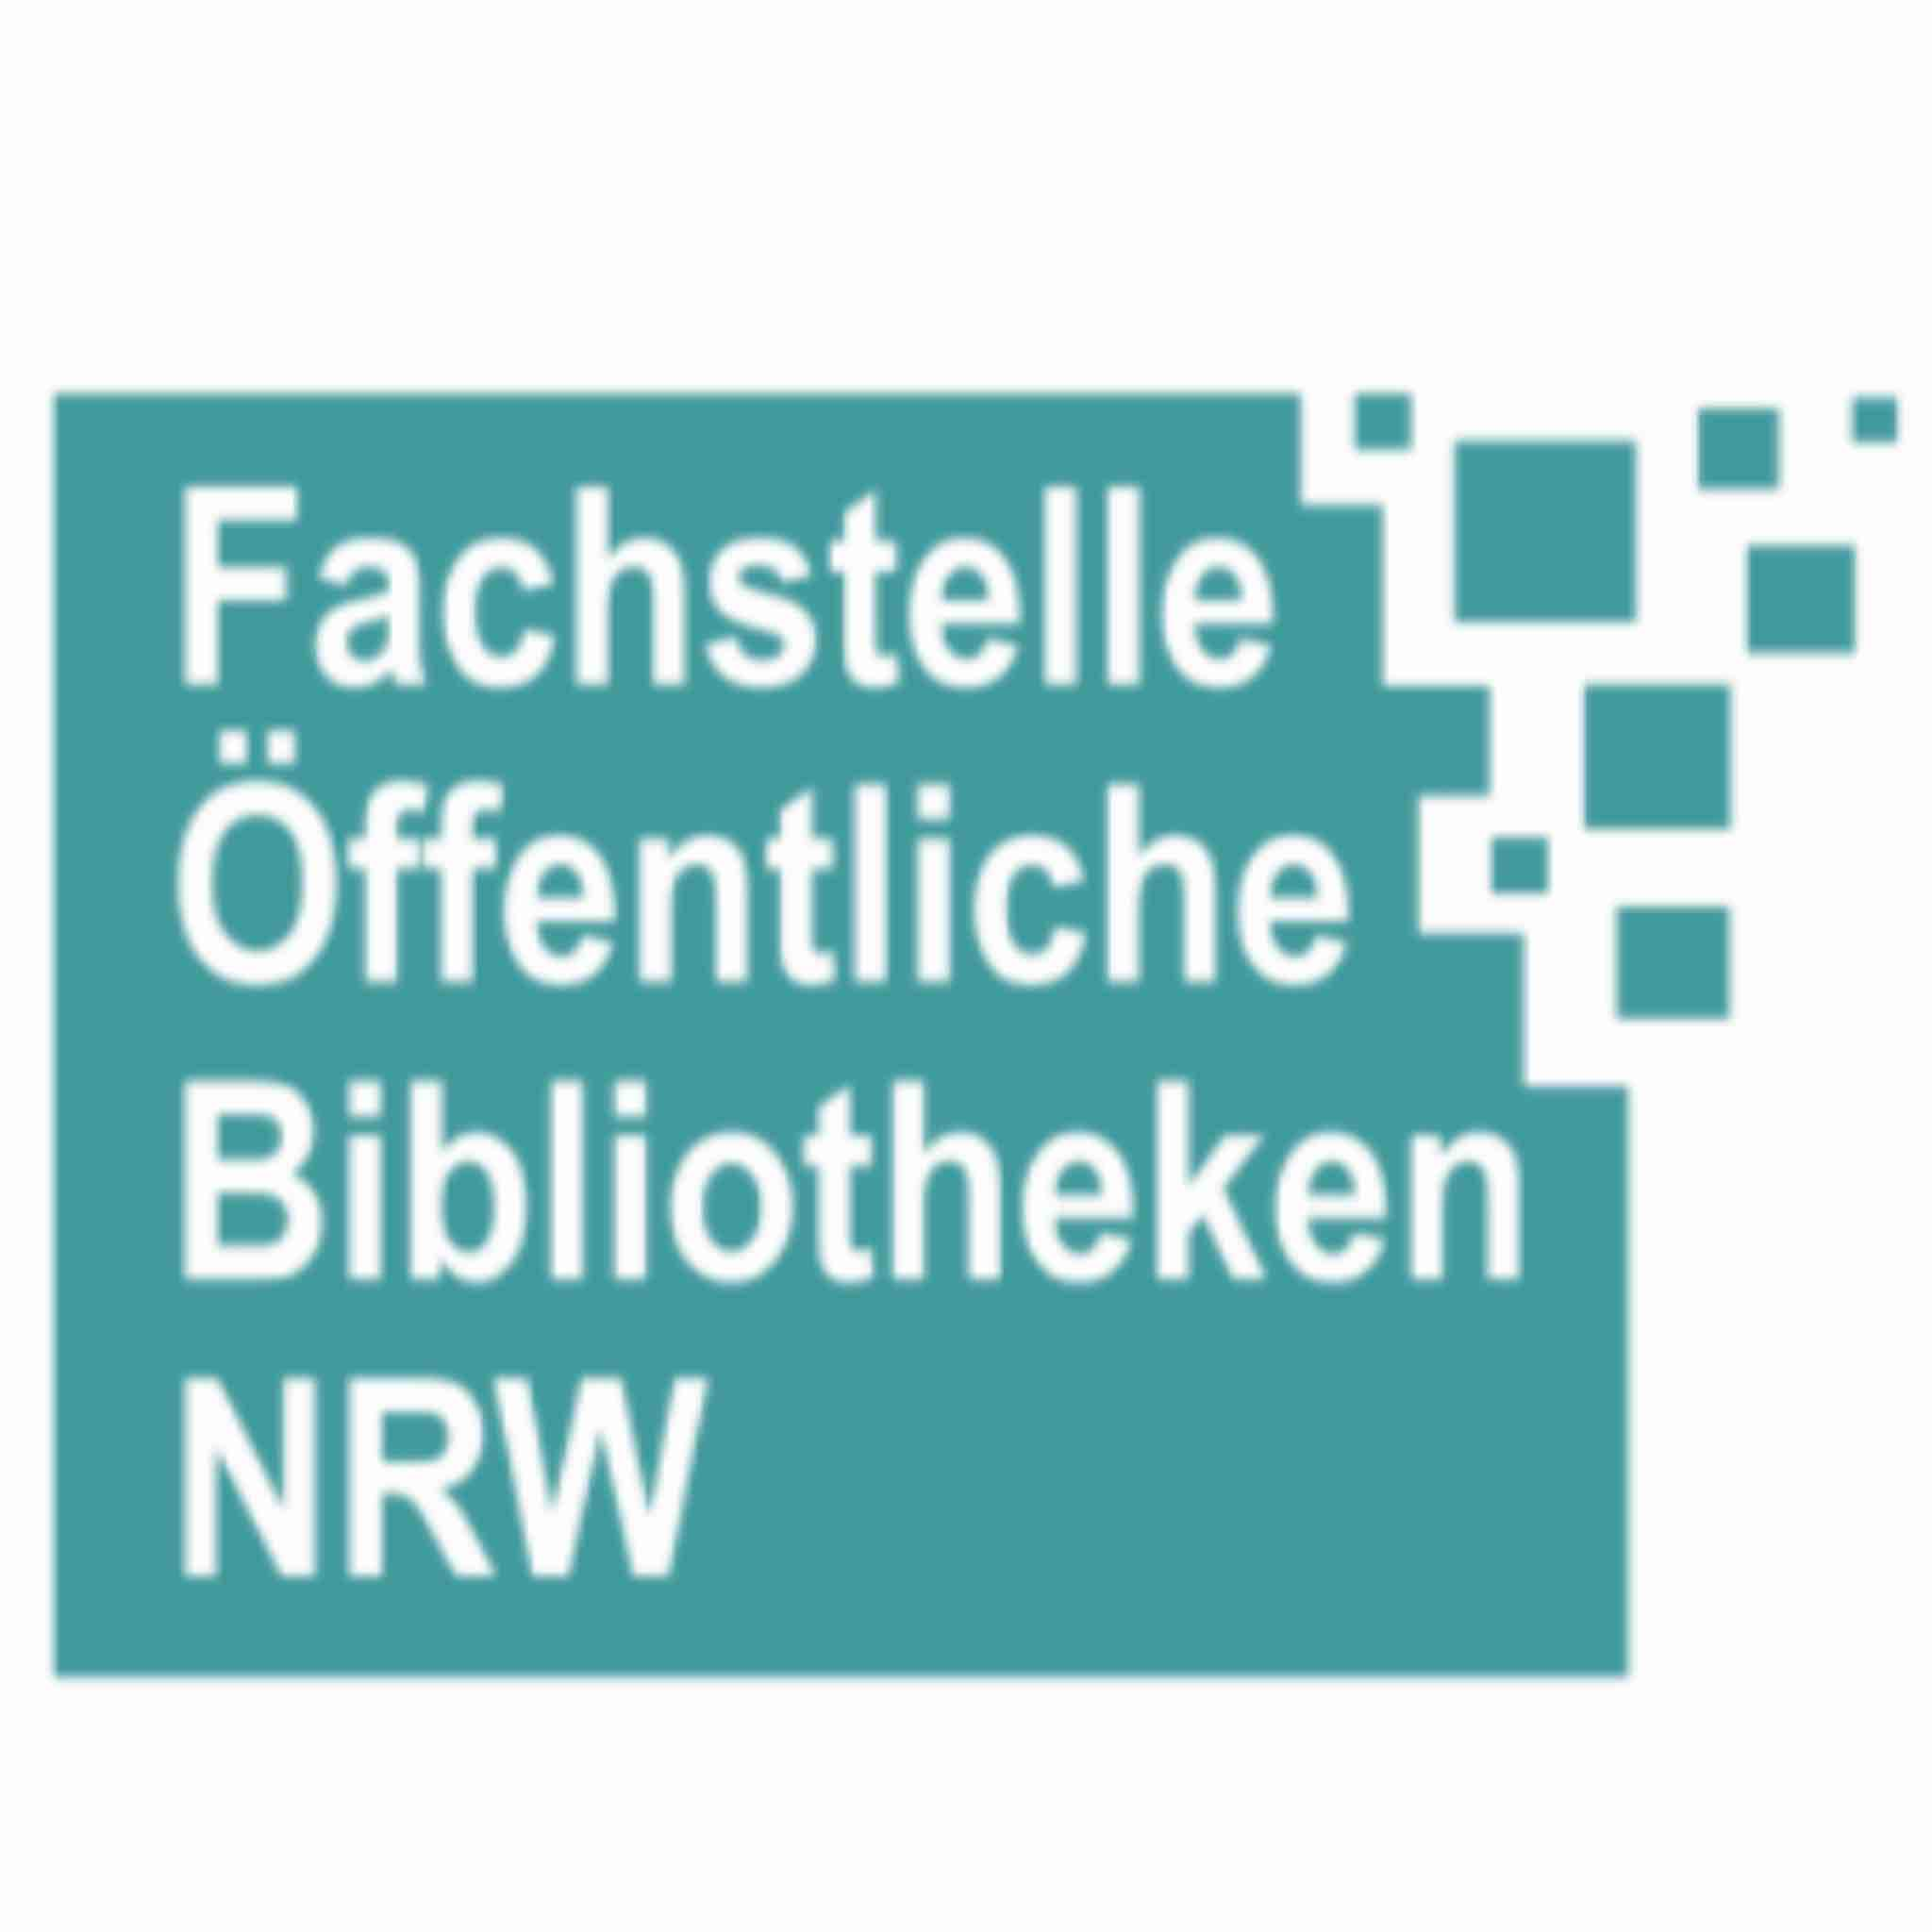 Logo der Fachstelle Öffentliche Bibliotheken NRW